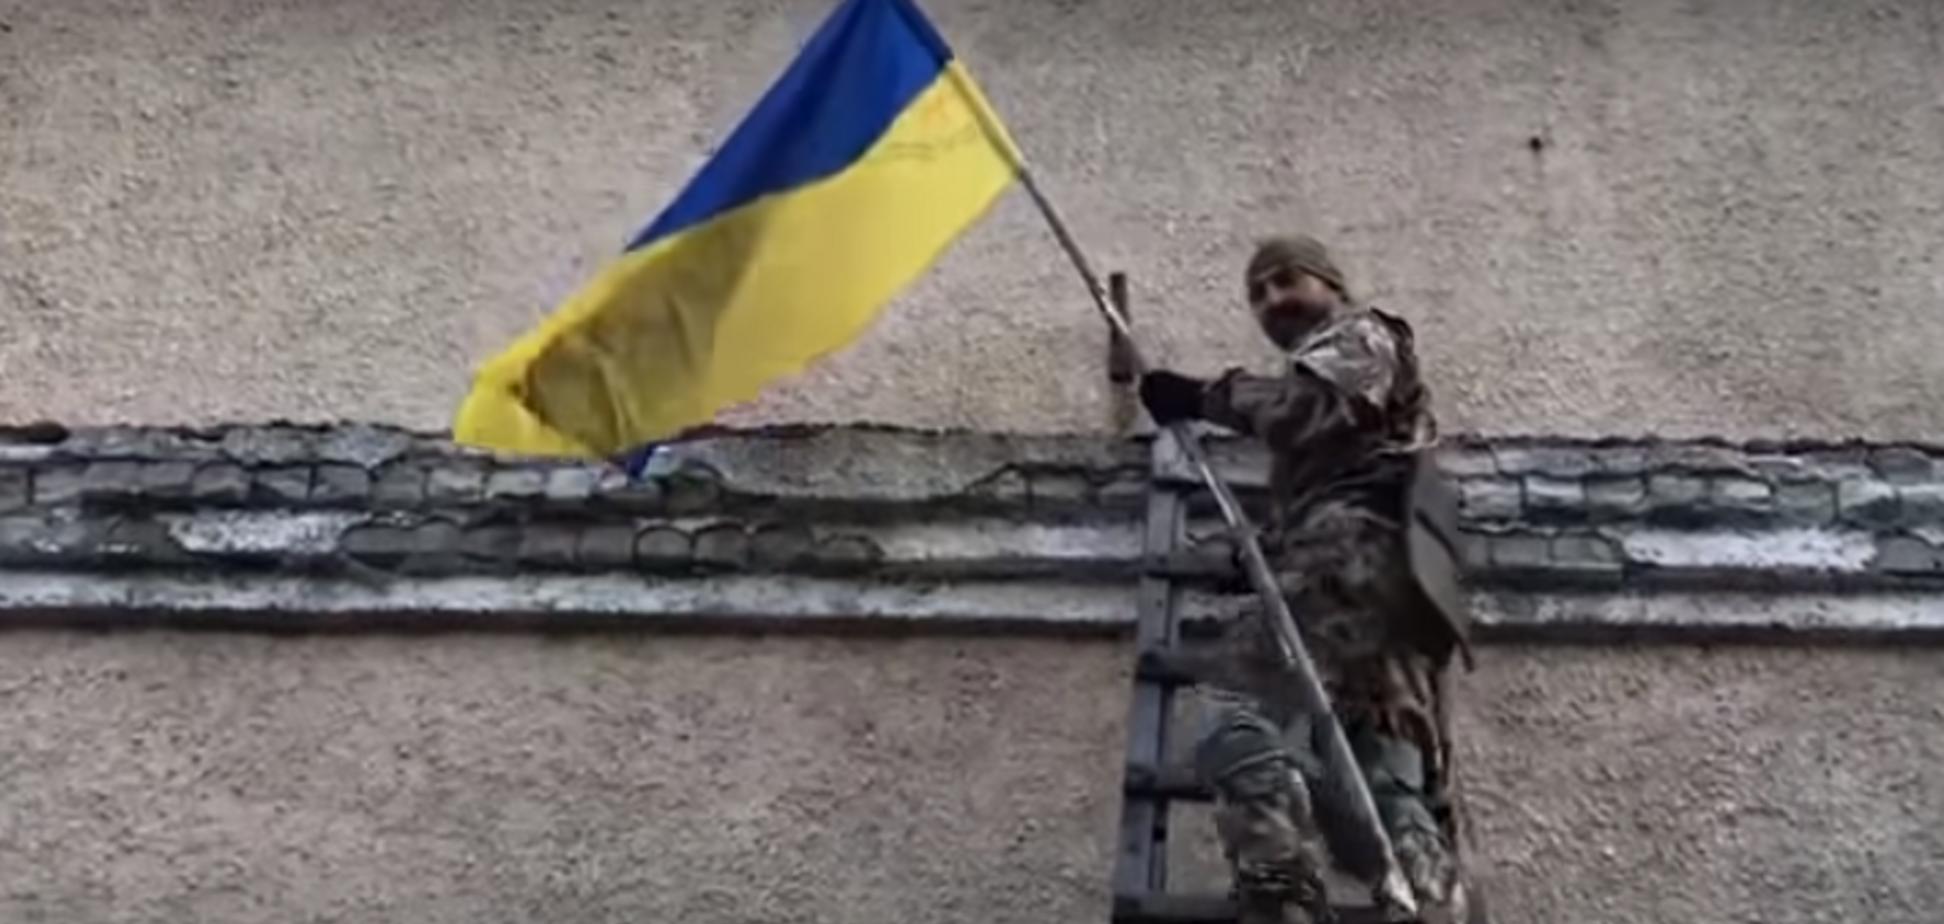 Объединенные силы вернули Украине поселок на Донбассе: появилось знаковое видео